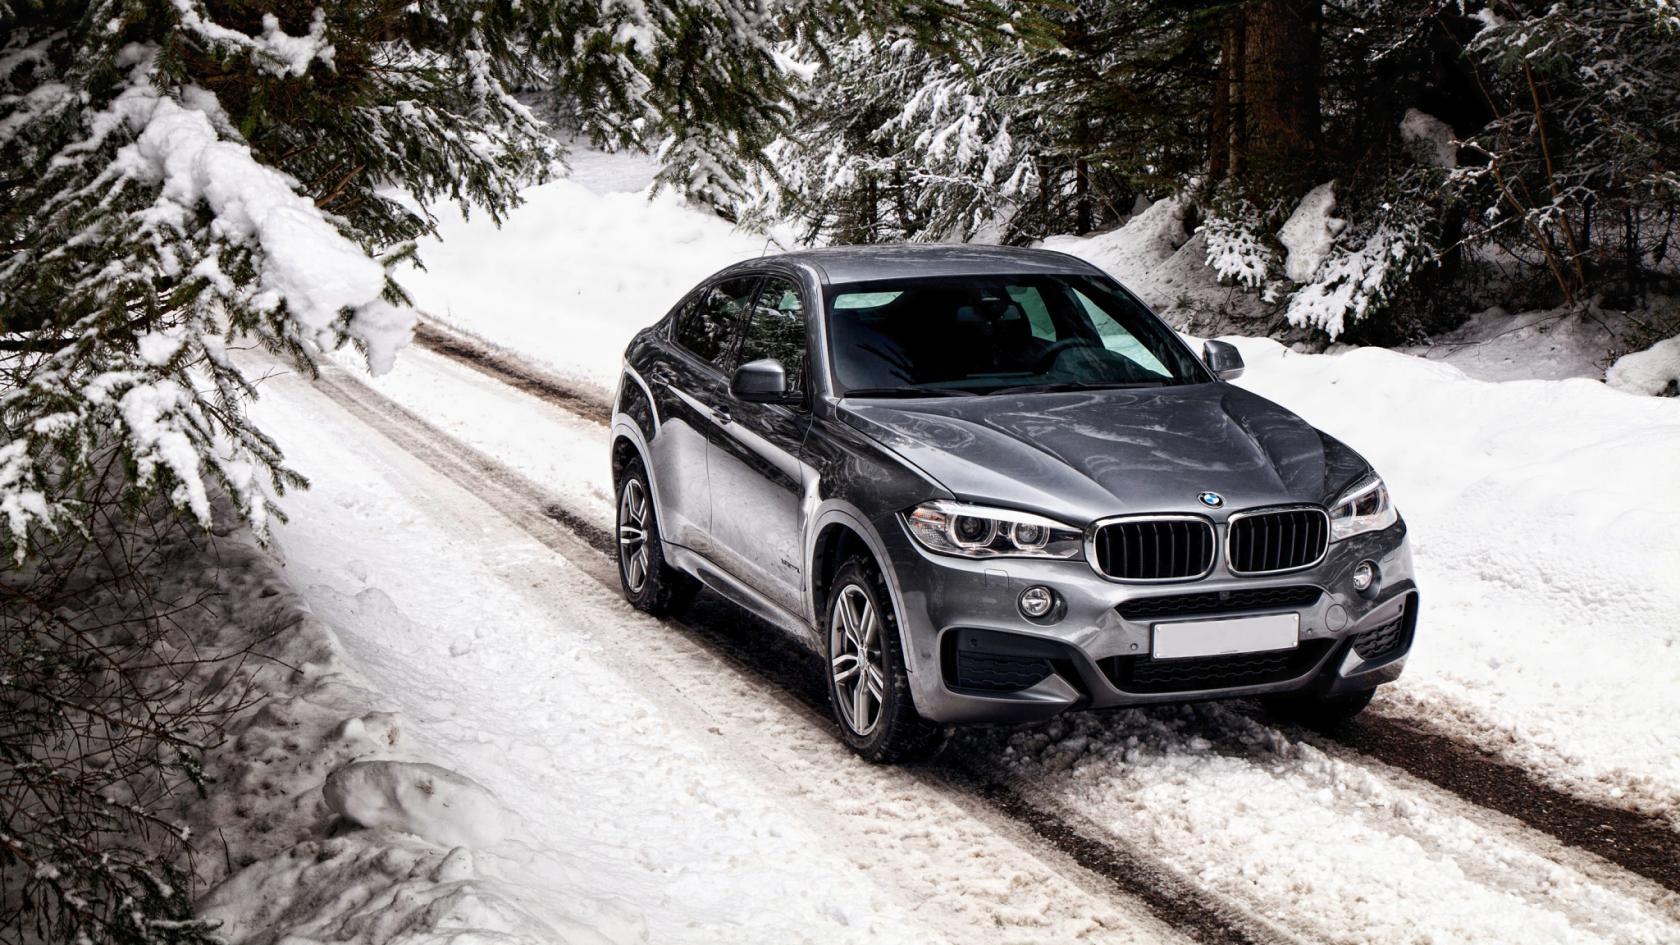 BMW-X6-F16-8.jpeg